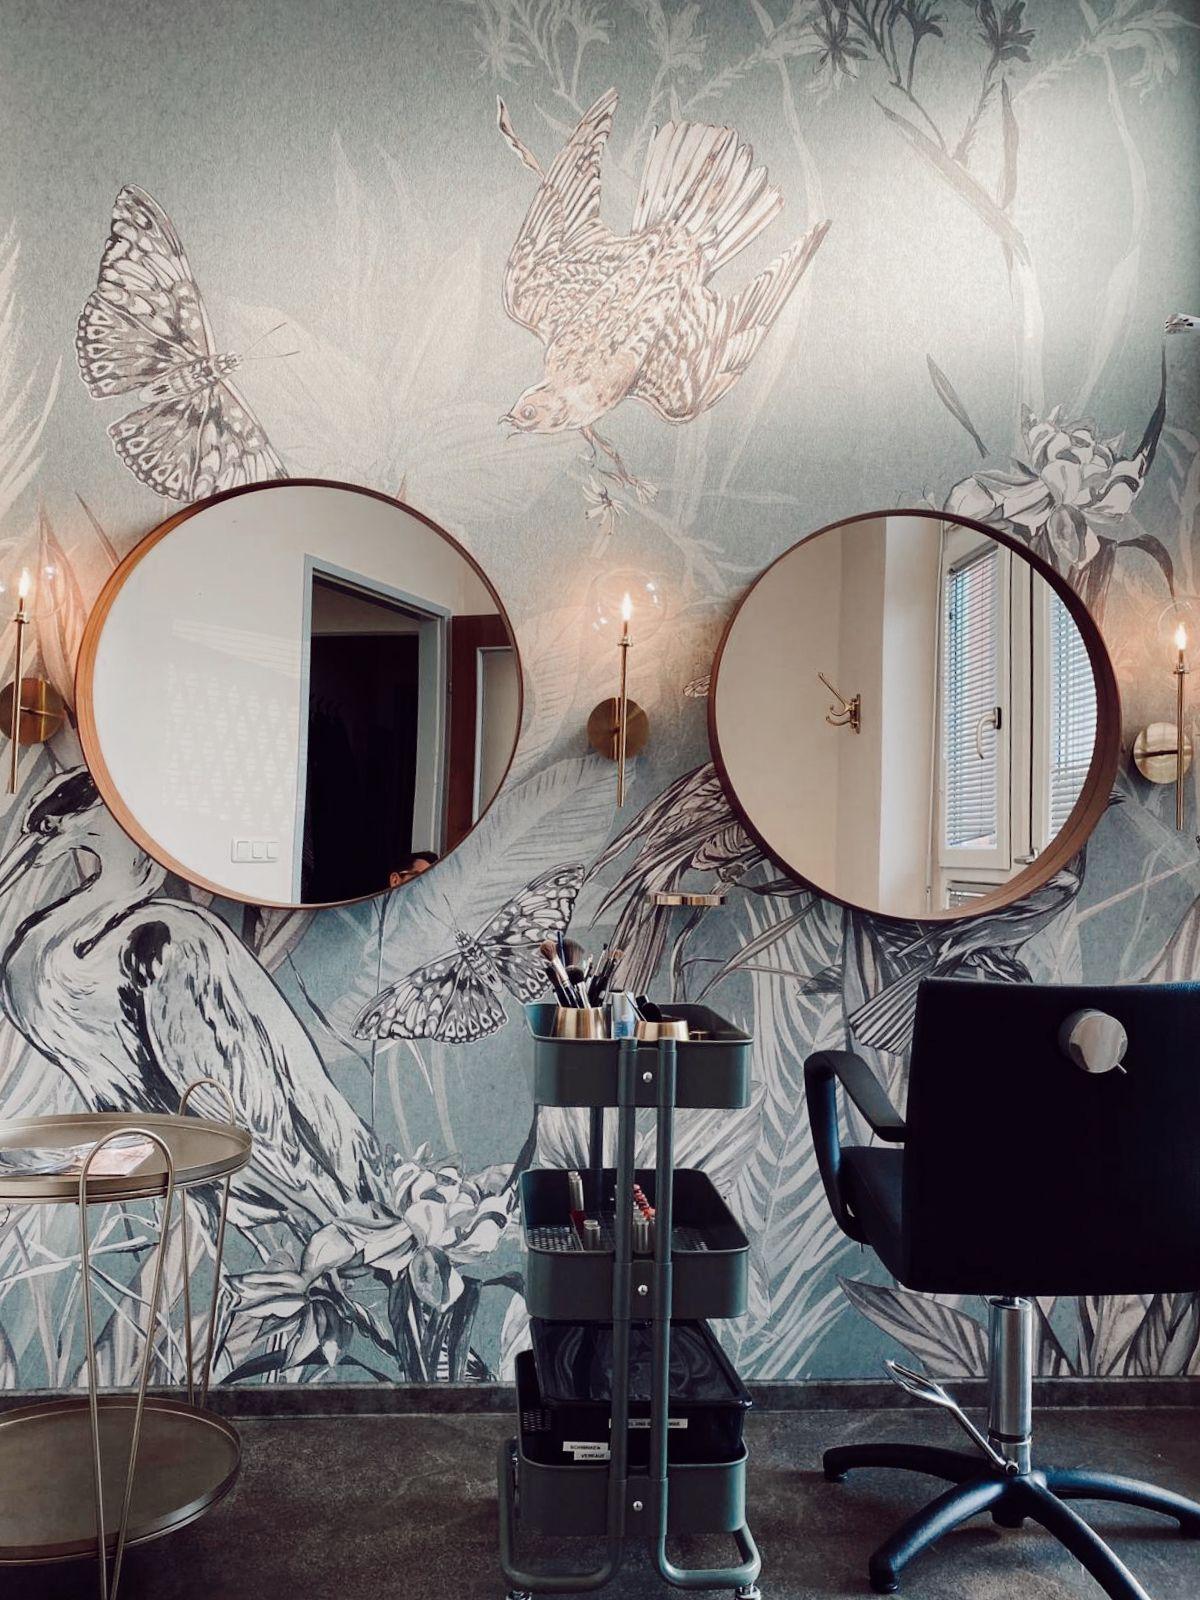 Friseur Beleuchtung In 2020 Badezimmerspiegel Beleuchtet Badezimmerspiegel Badezimmerspiegel Beleuchtung